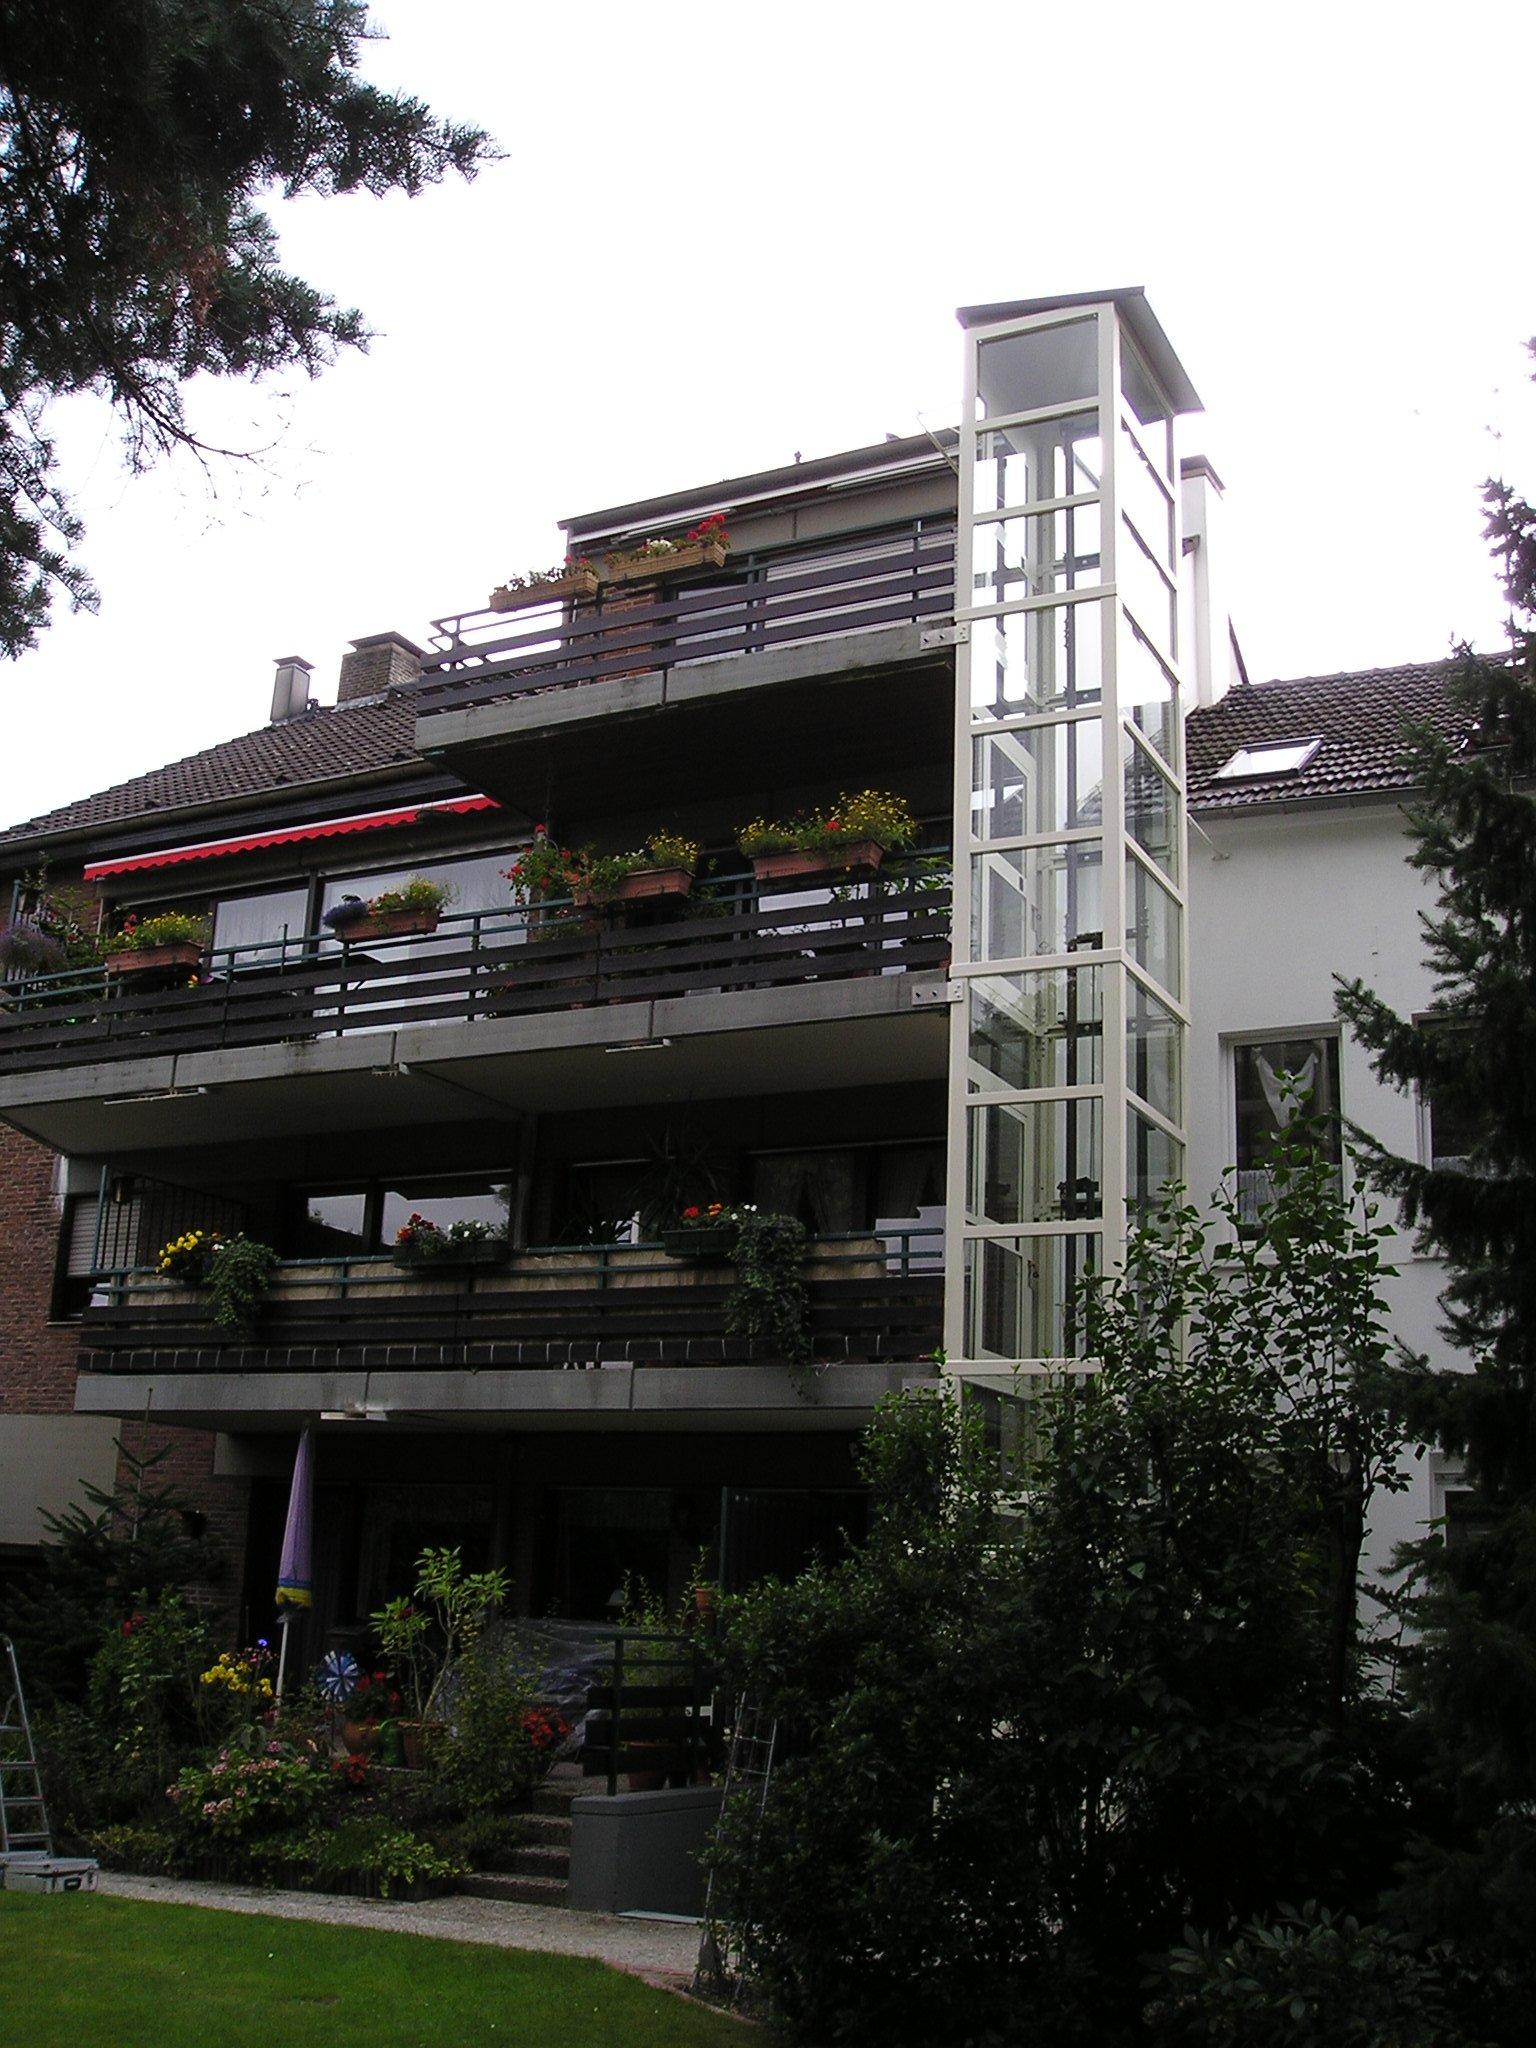 Gläserner Außenaufzug neben Balkonen